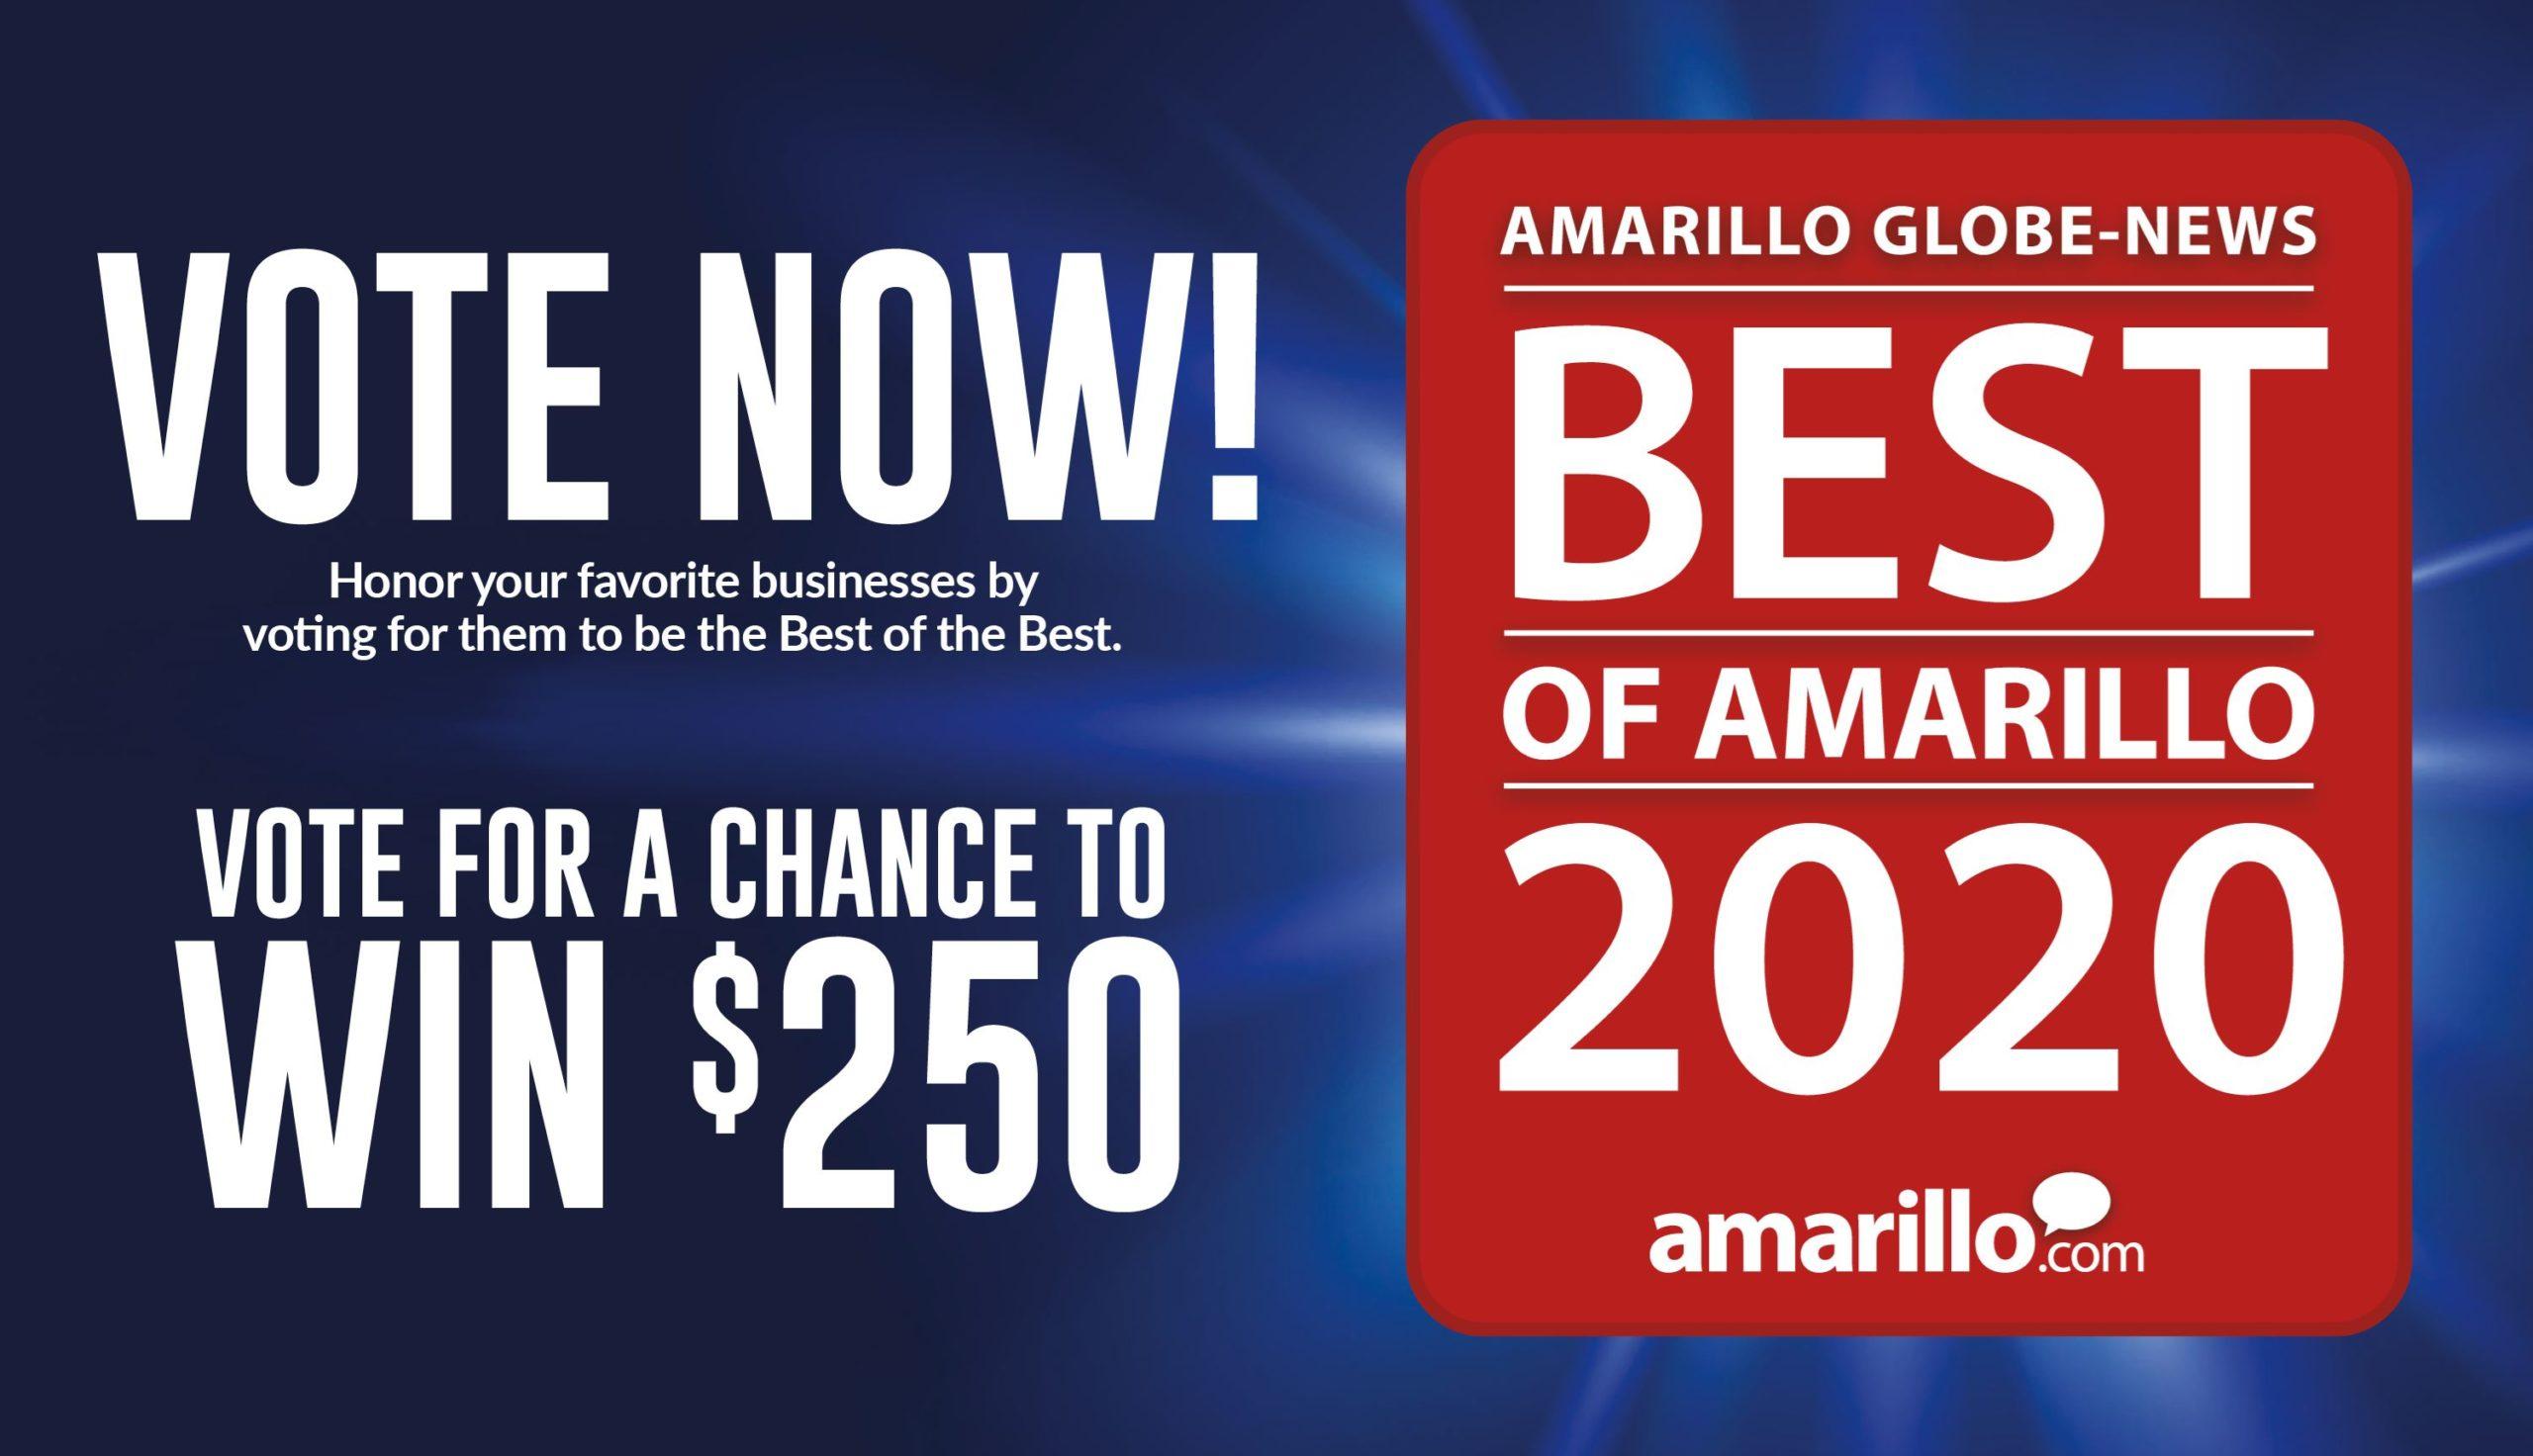 Best of Amarillo 2020